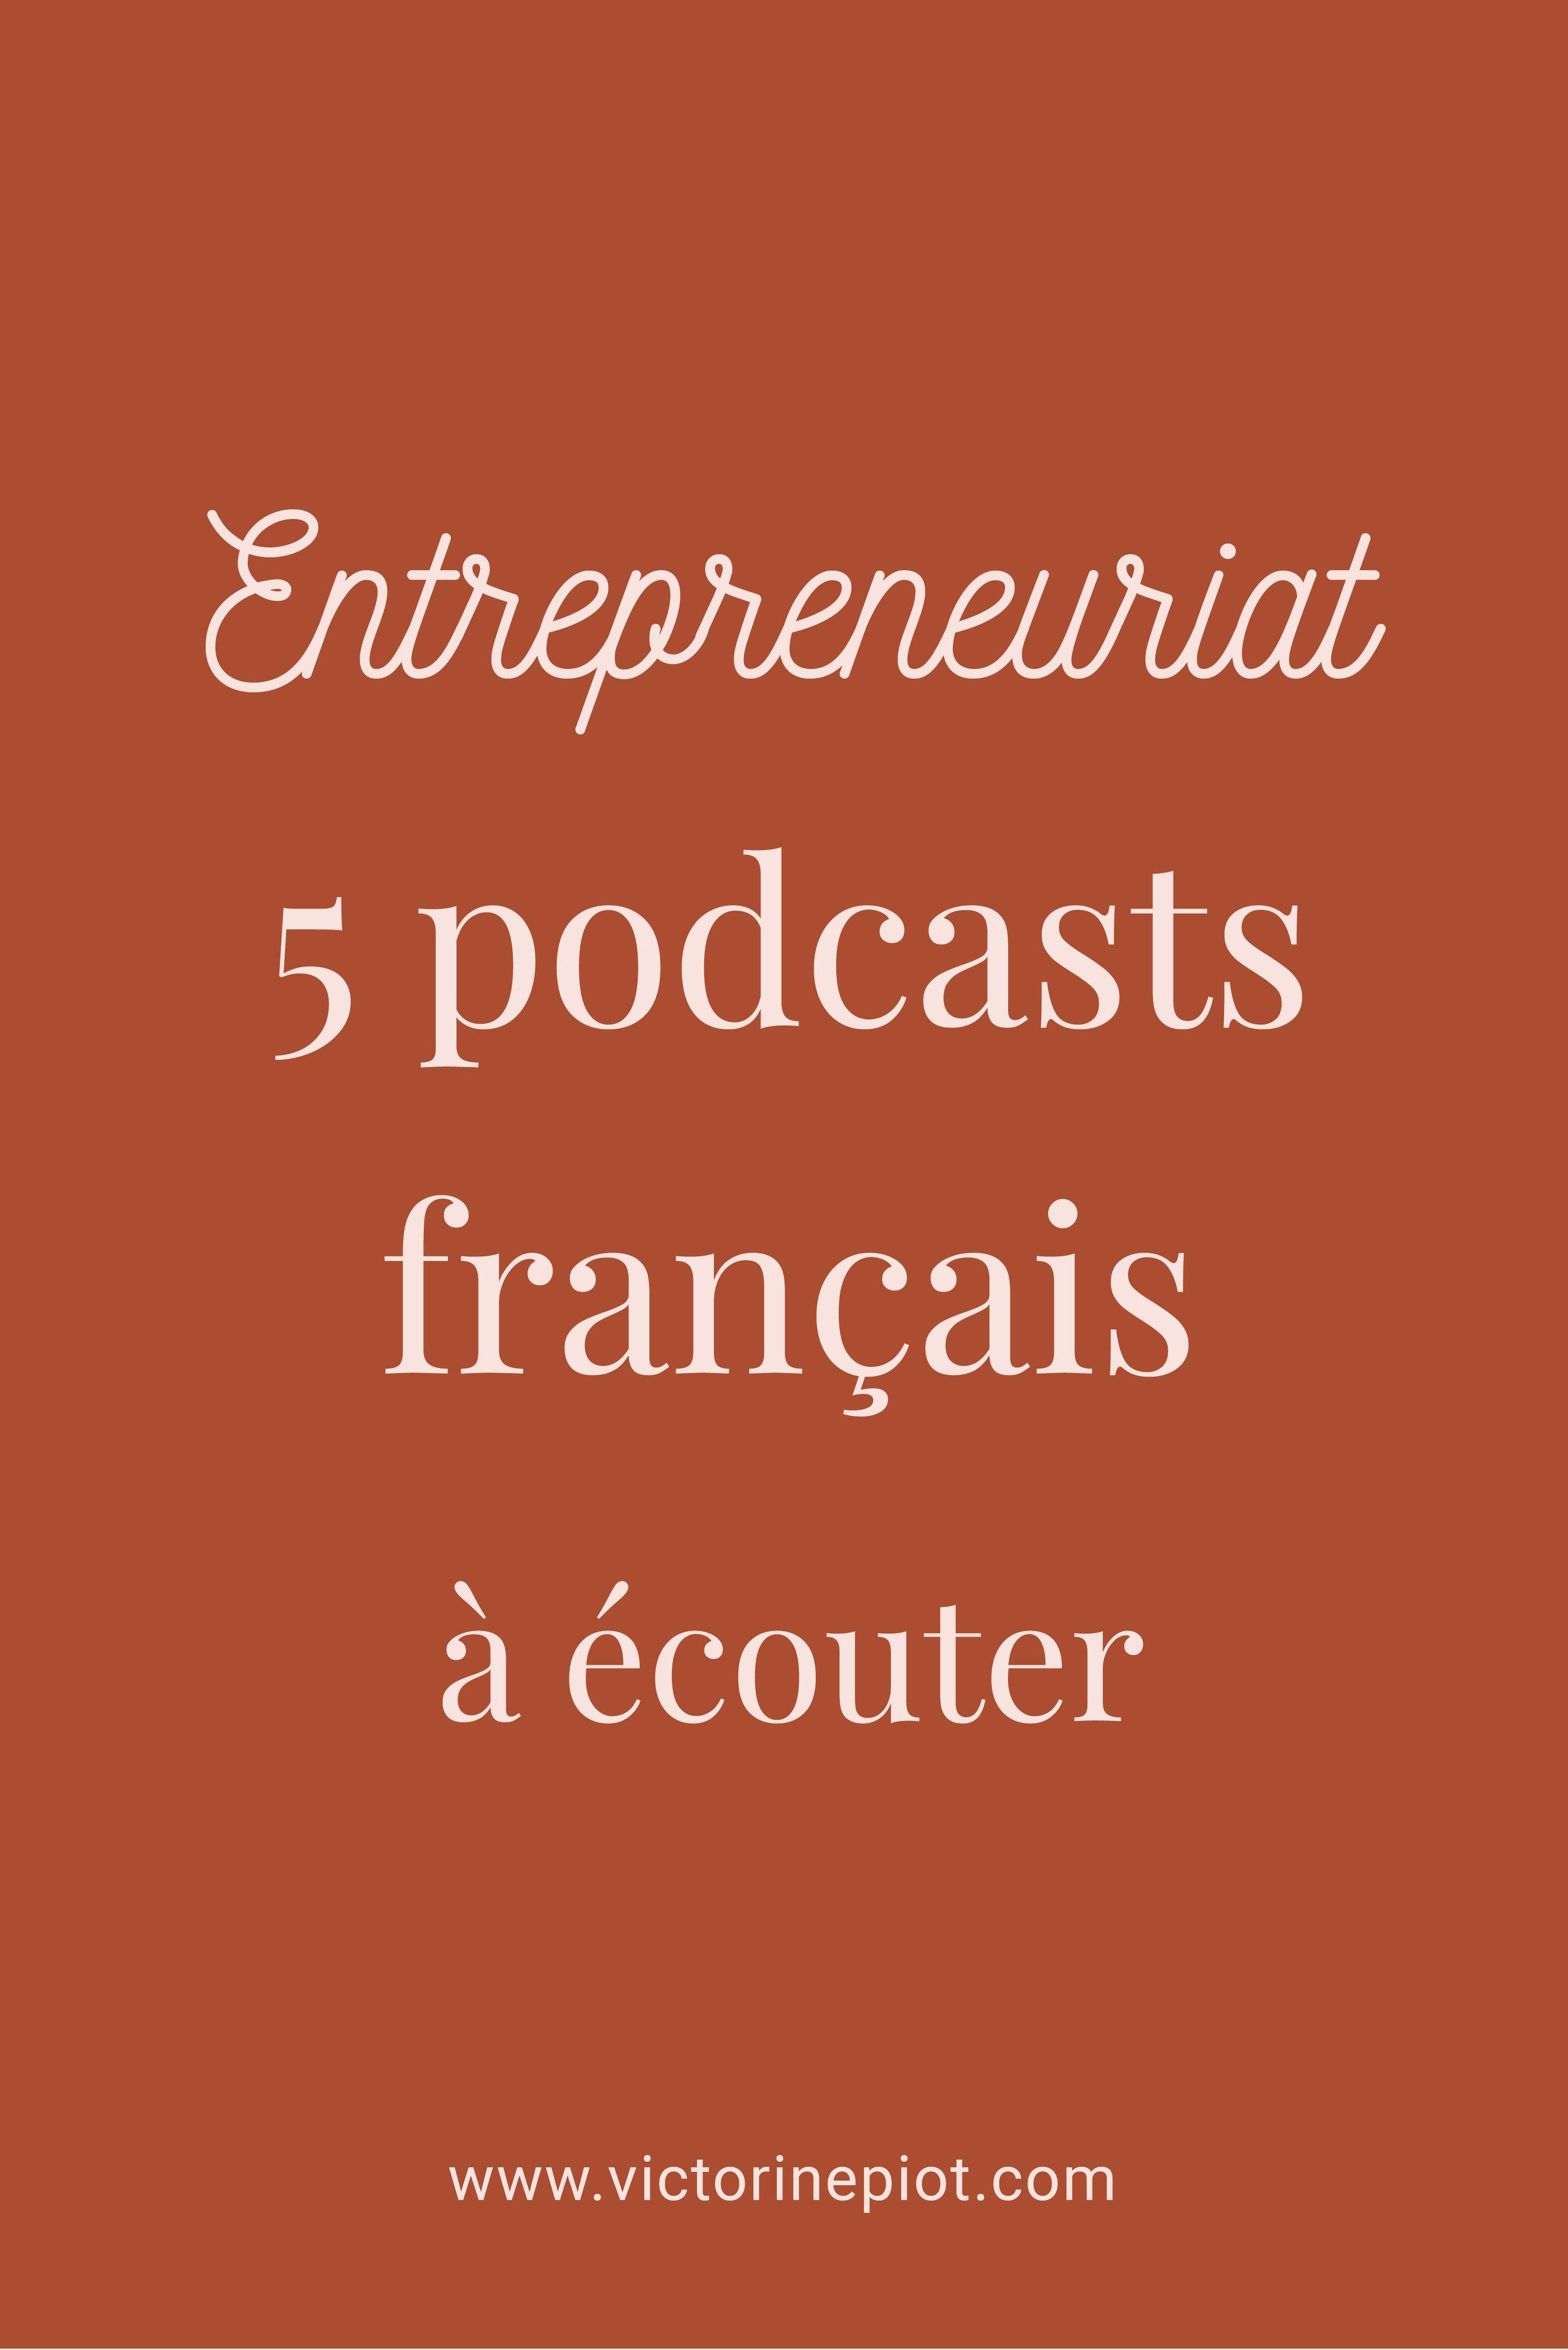 5 podcast en français sur l'entrepreneuriat au féminin à découvrir sur victorinepiot.com